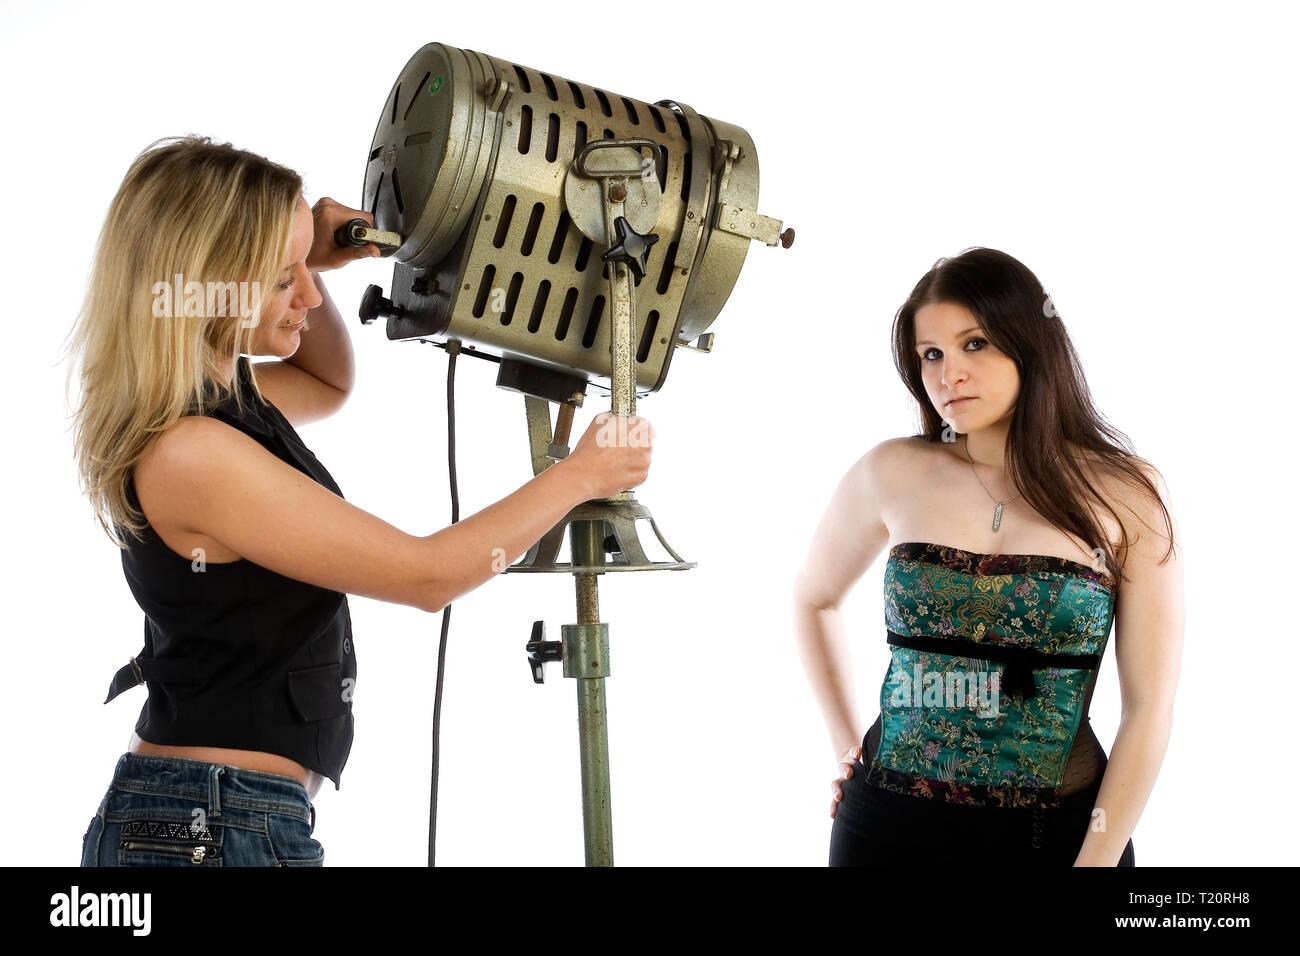 Un assistant photo illumine un modèle. La technique d'éclairage est périmée. Isolé sur un fond blanc. Photo Stock